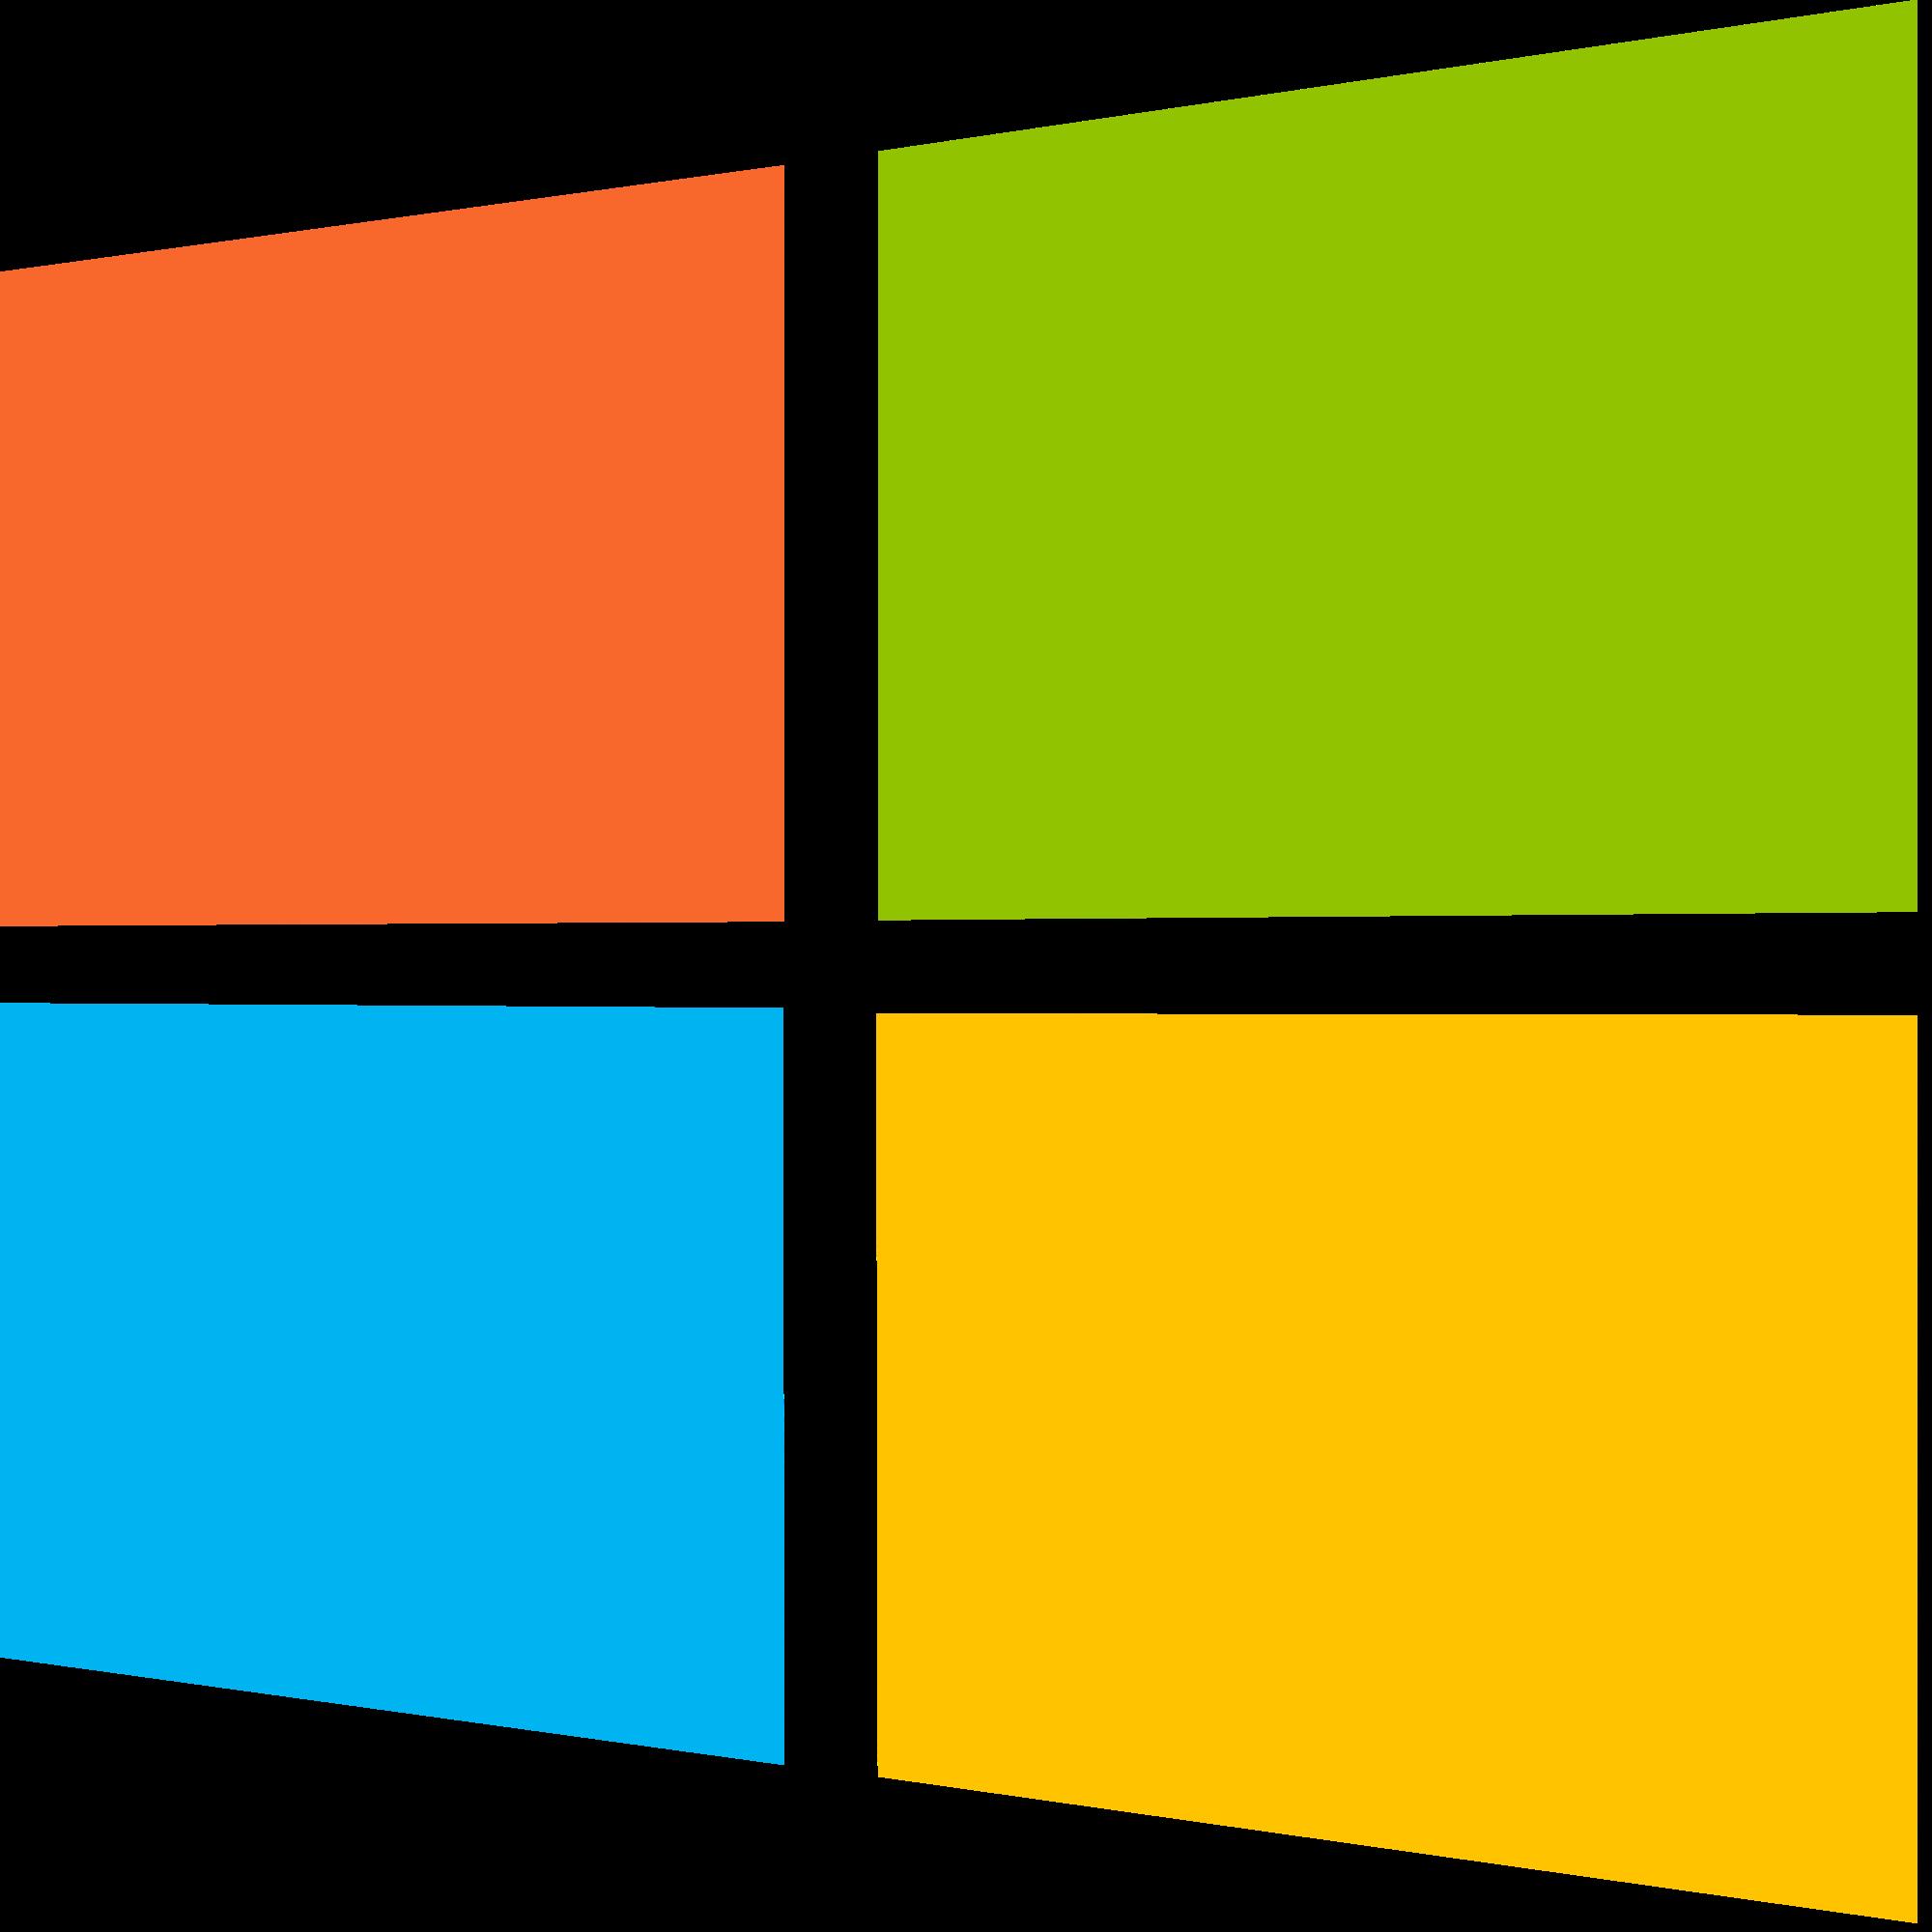 Windows logo png. Logos images free download